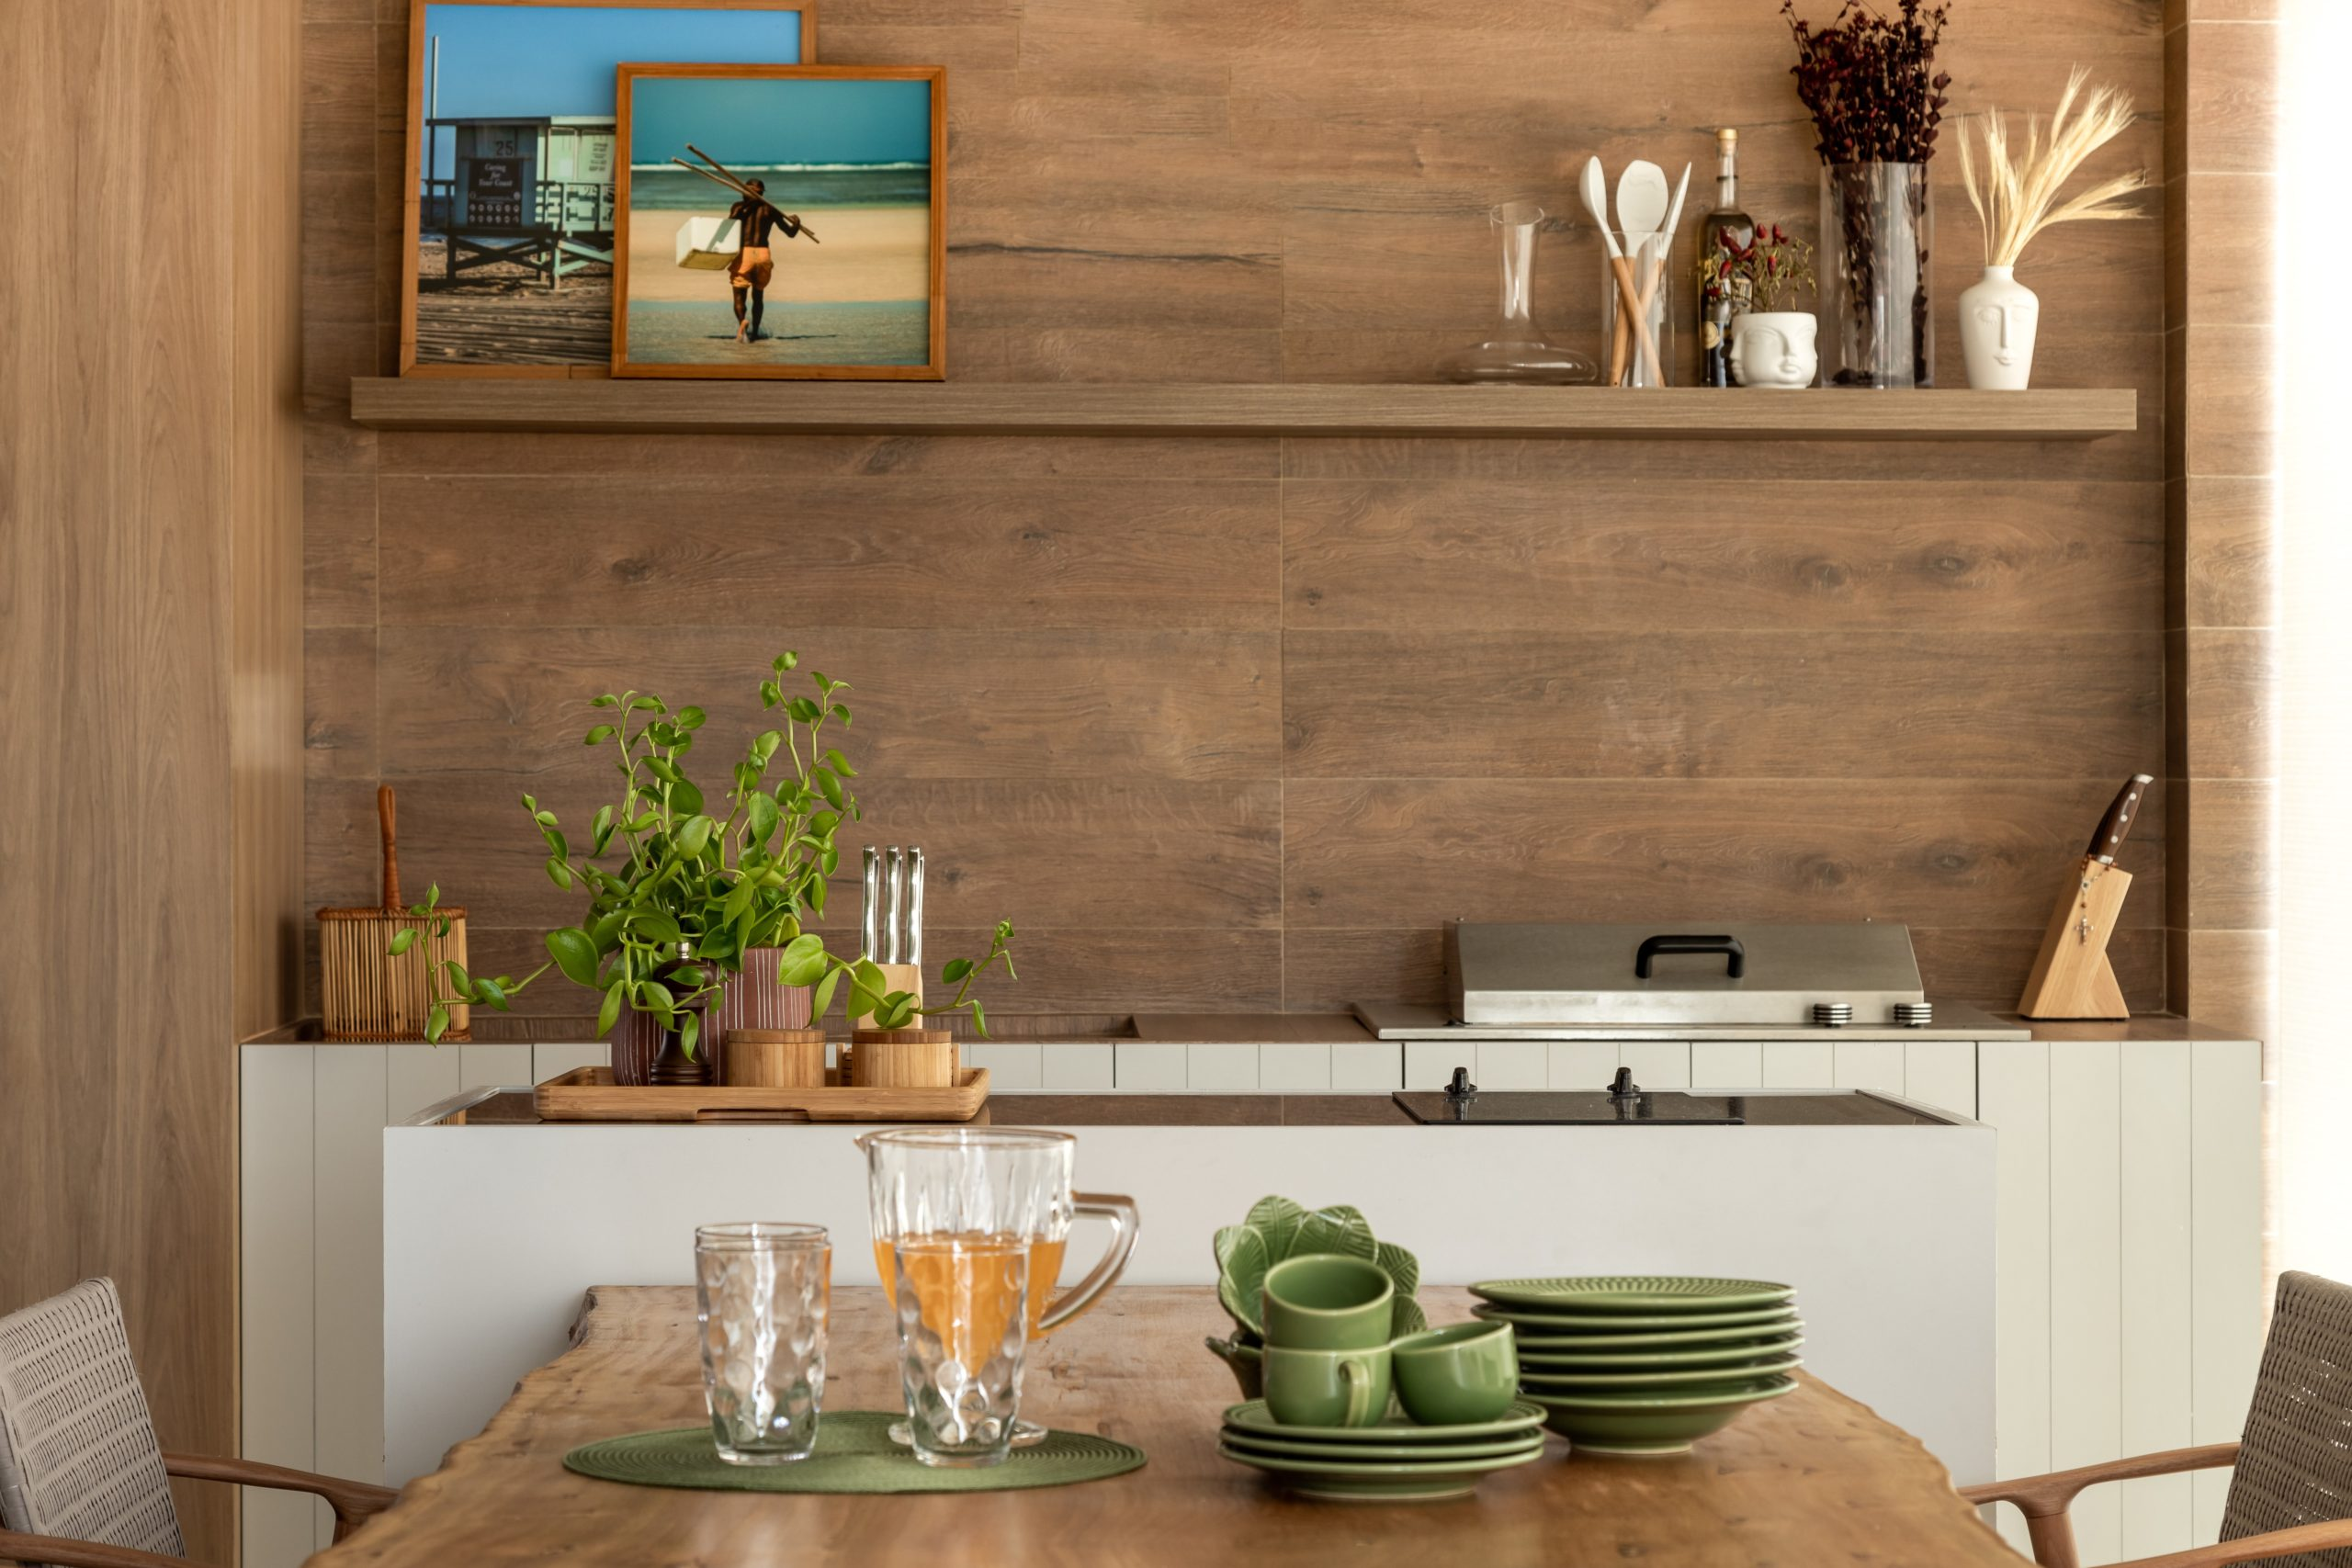 Modelo de churrasqueiras a bafo na cozinha moderna e revestimento de madeira.